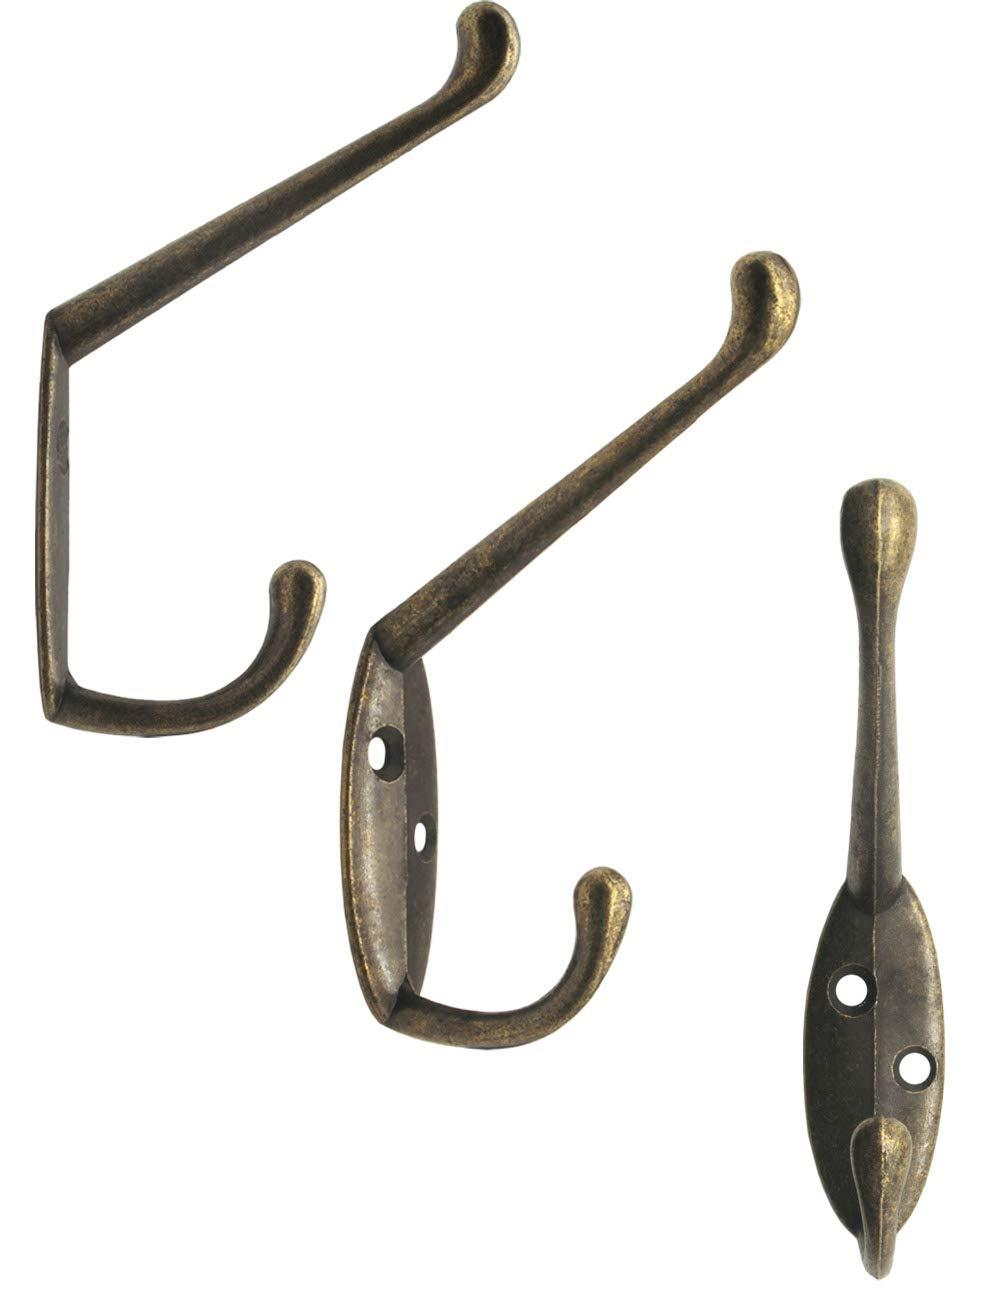 Fuxxer Lot de 5 crochets pour v/êtements classiques en fer avec crochets en m/étal Bronze 85 x 55 mm